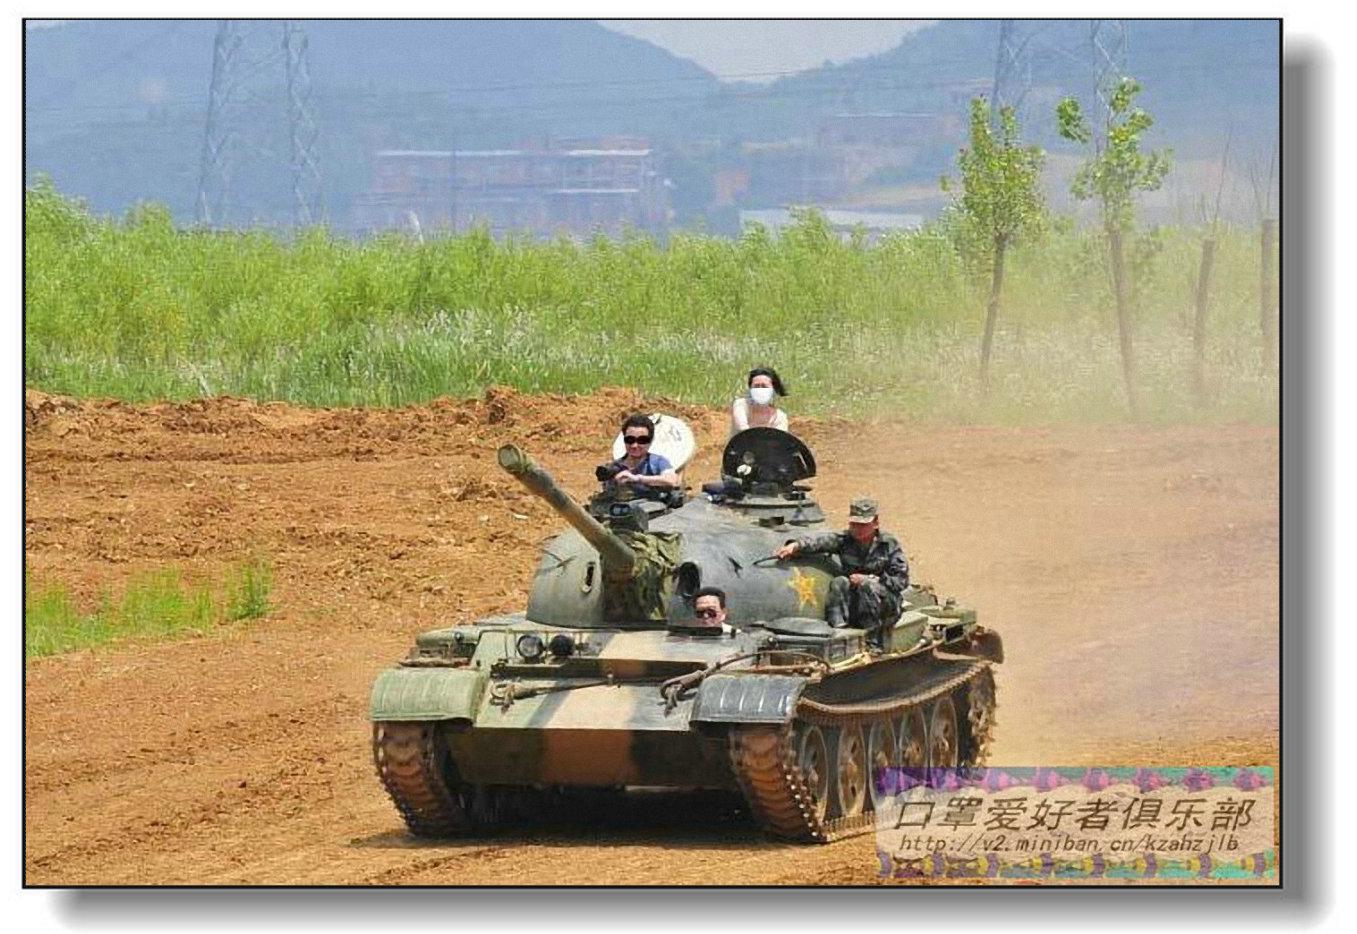 乘坐坦克兜风的军嫂-1